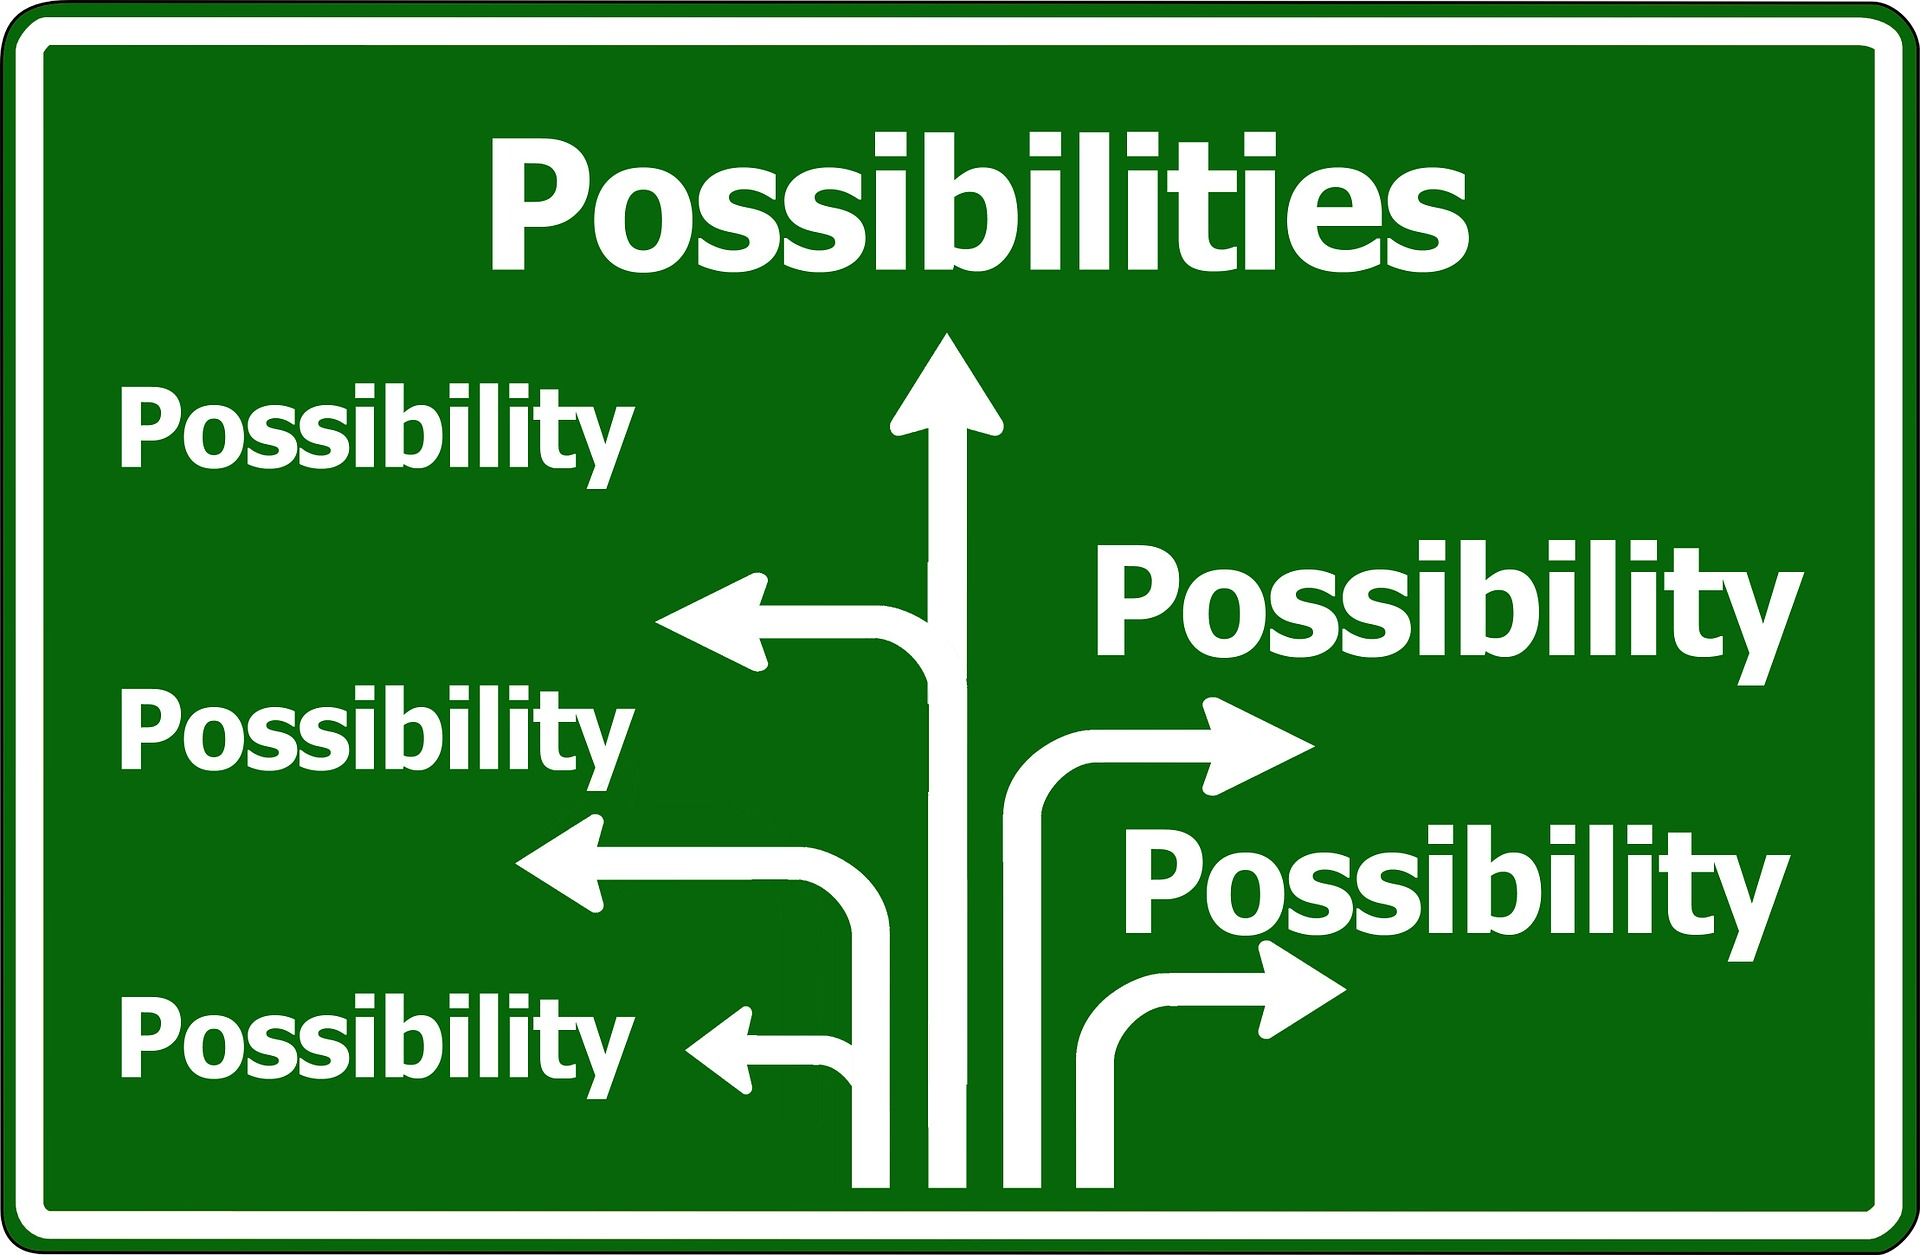 opportunity-396265_1920.jpg